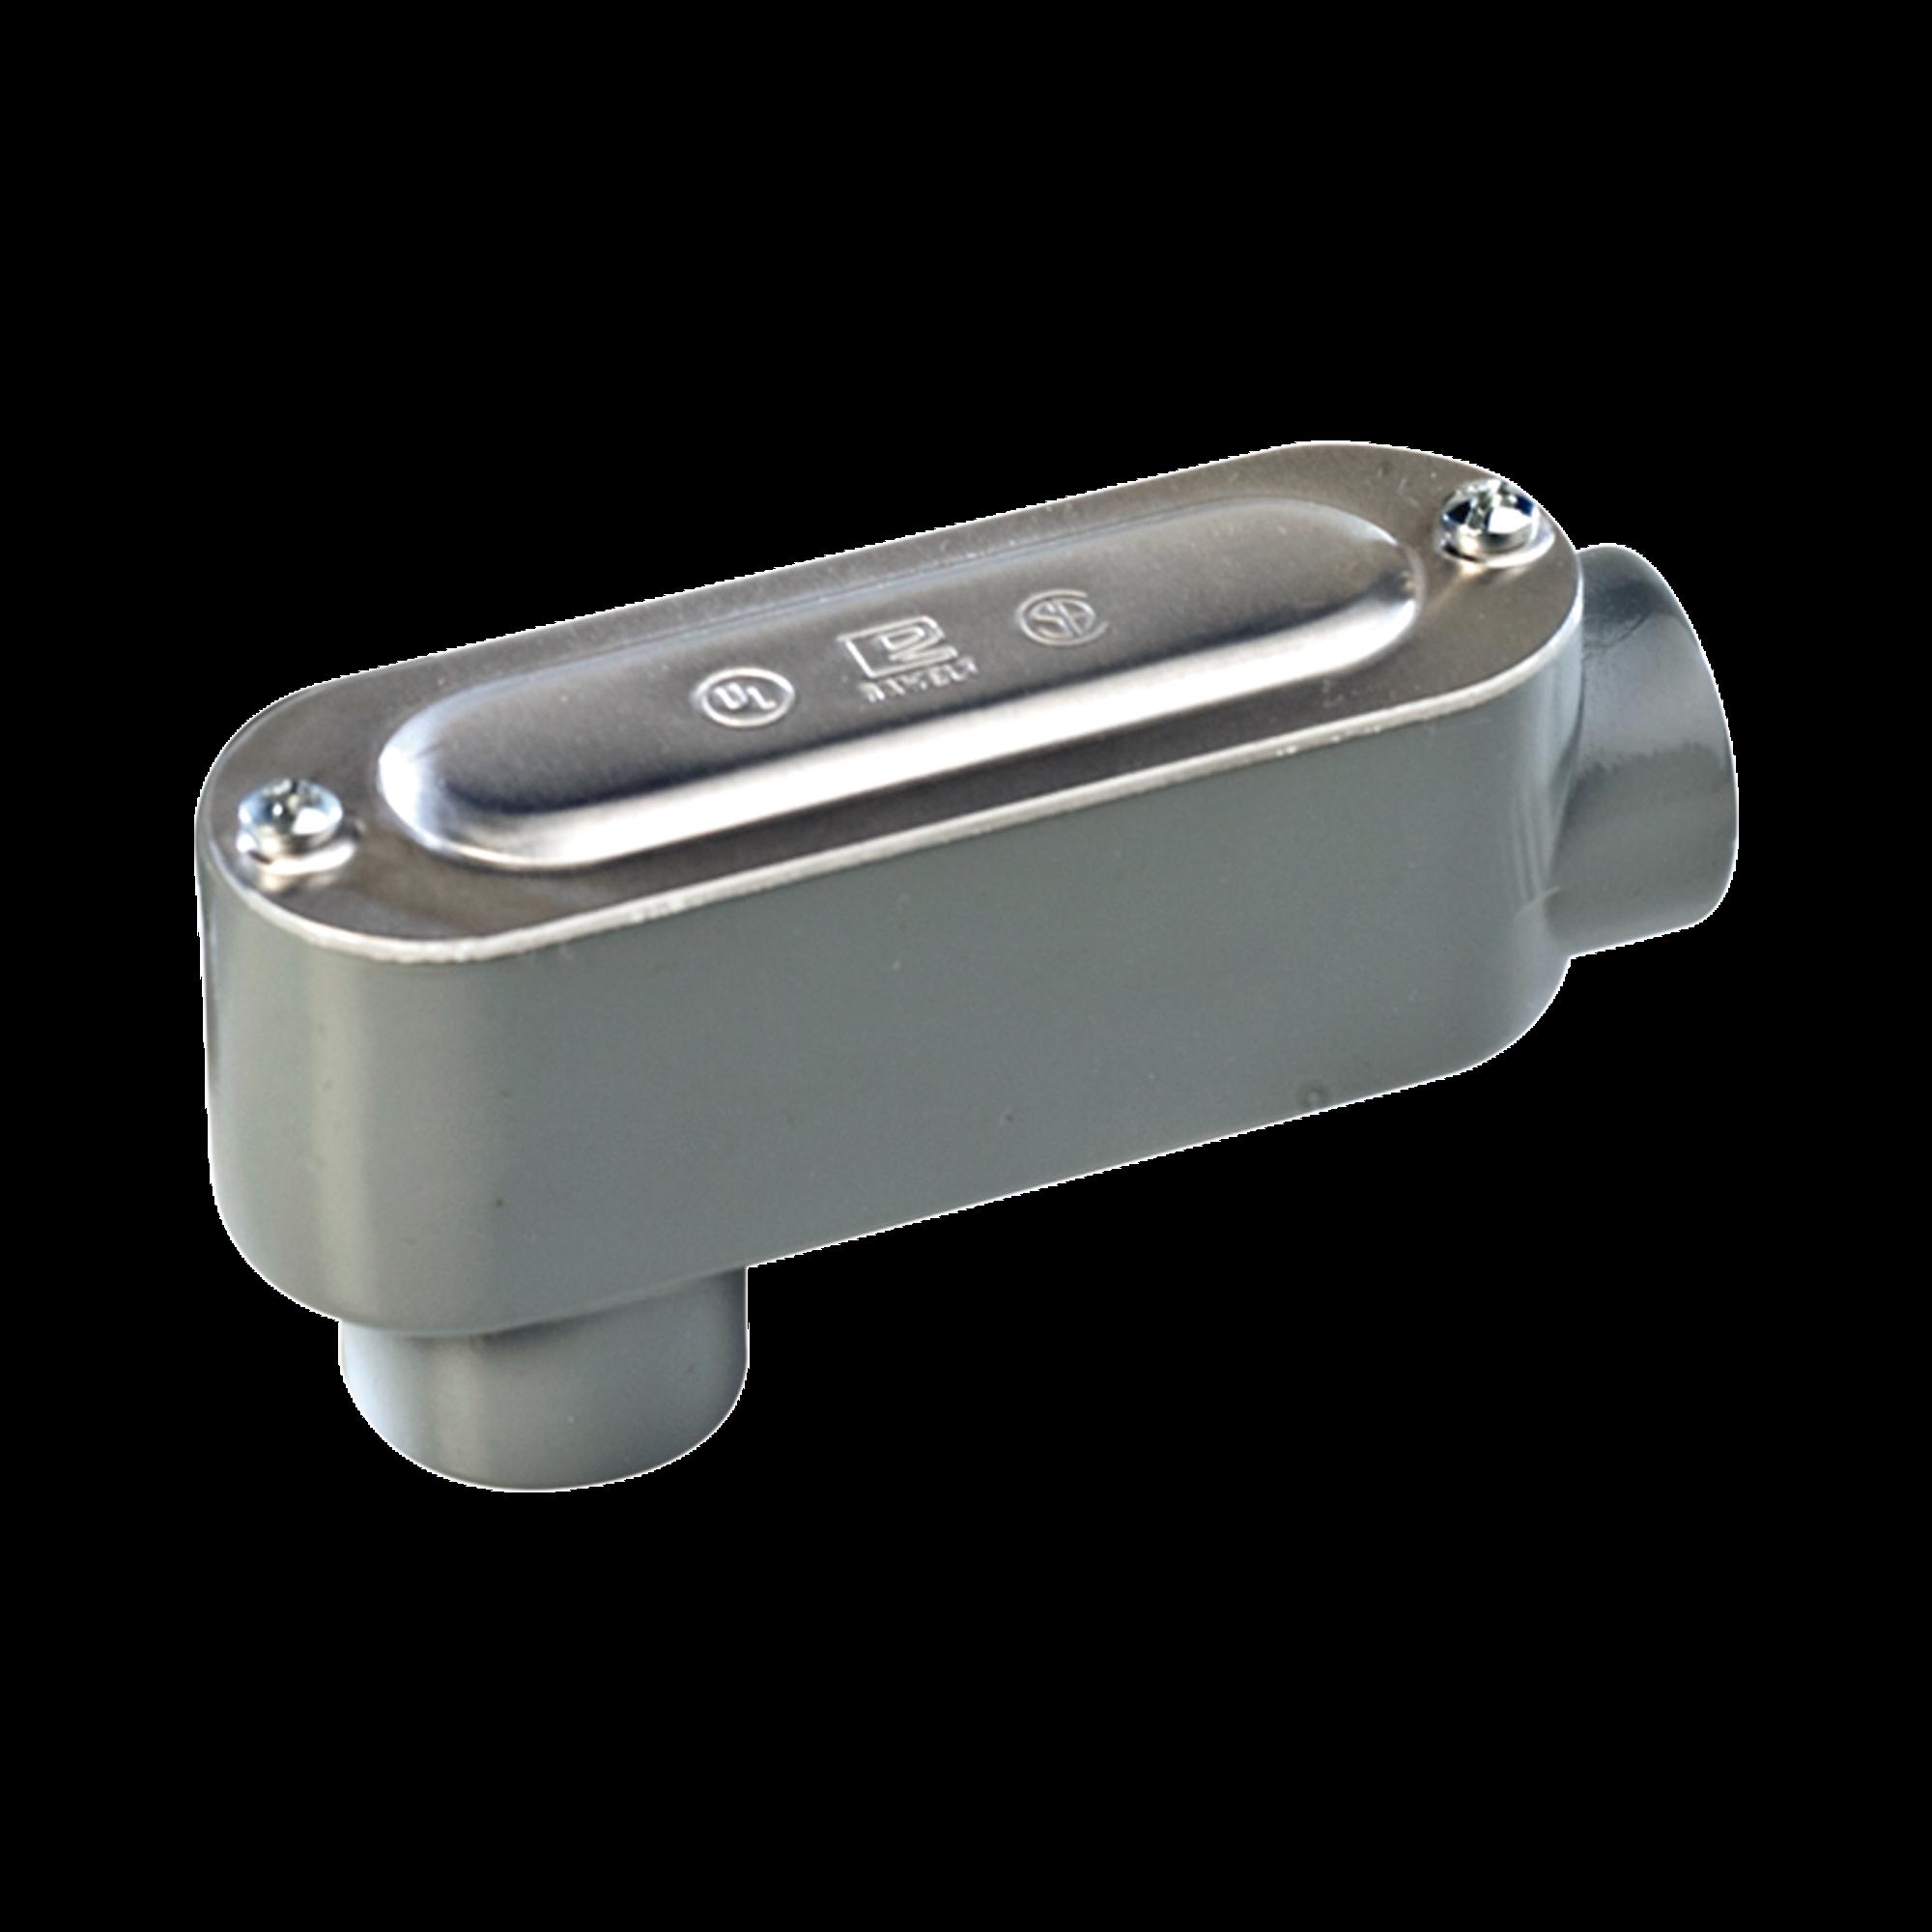 Caja Condulet tipo LB de 1 (25.4 mm) Incluye tapa y tornillos.